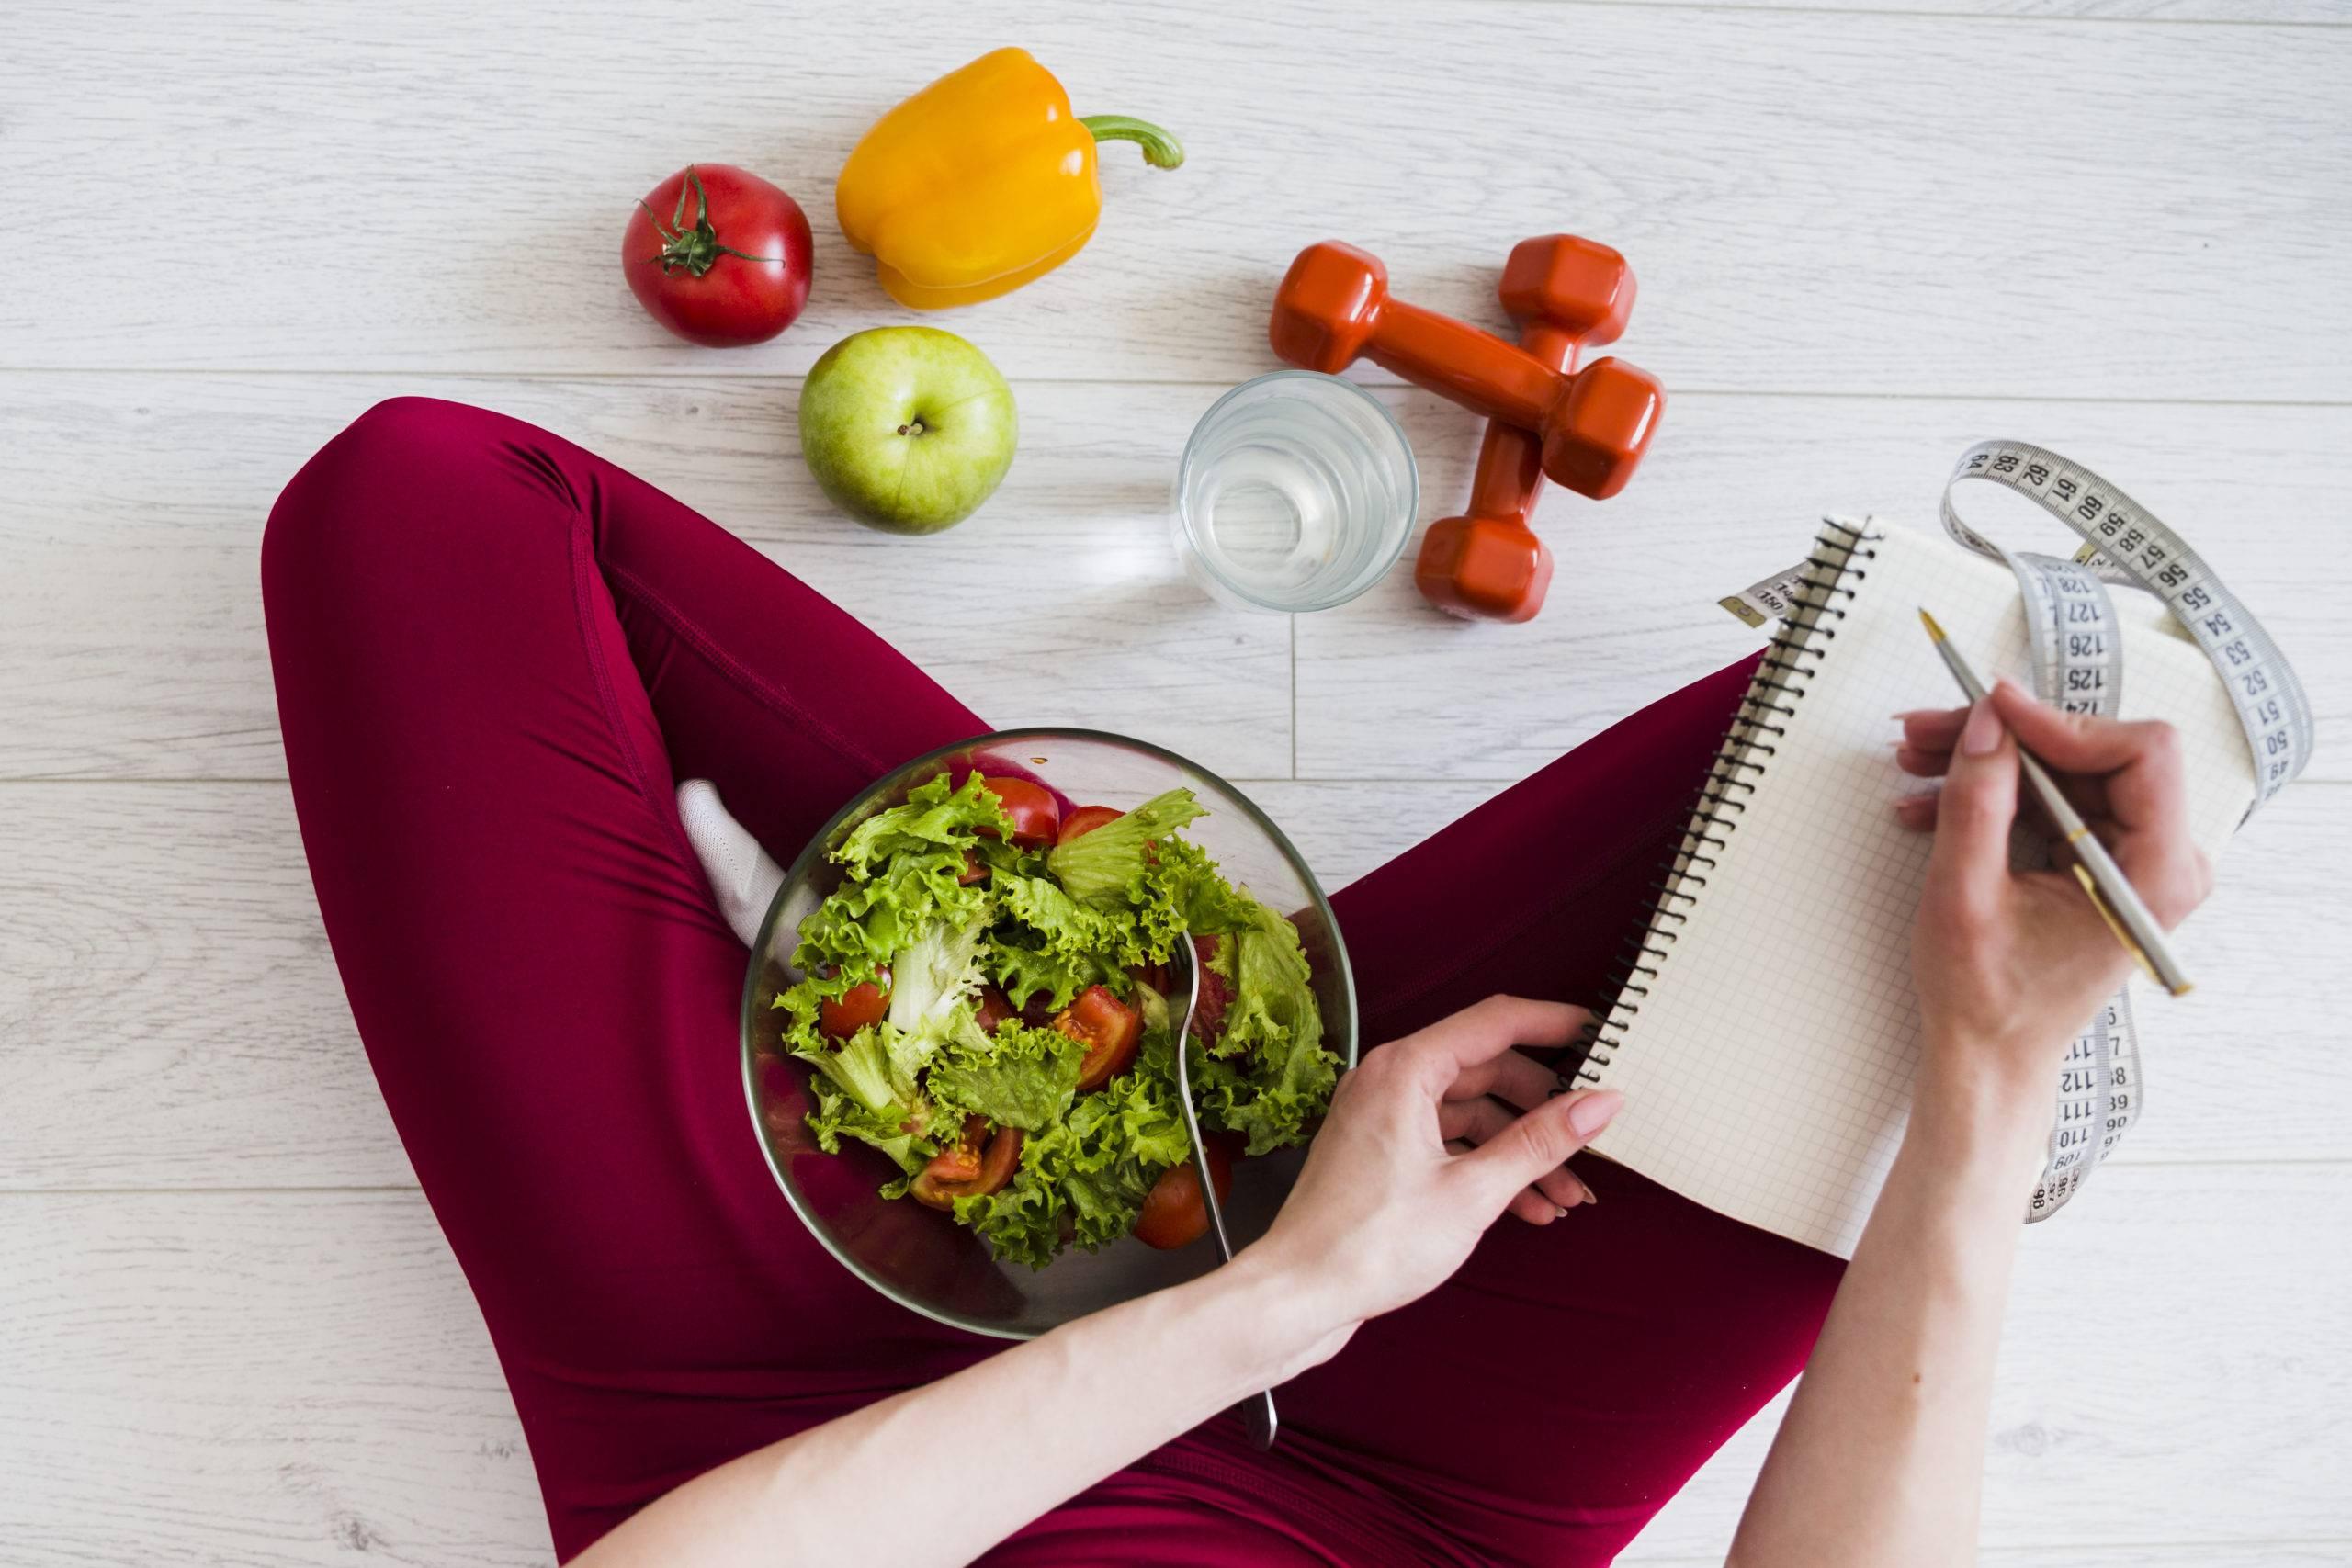 Как ускорить метаболизм для похудения в домашних условиях — продукты, препараты, привычки | lisa.ru